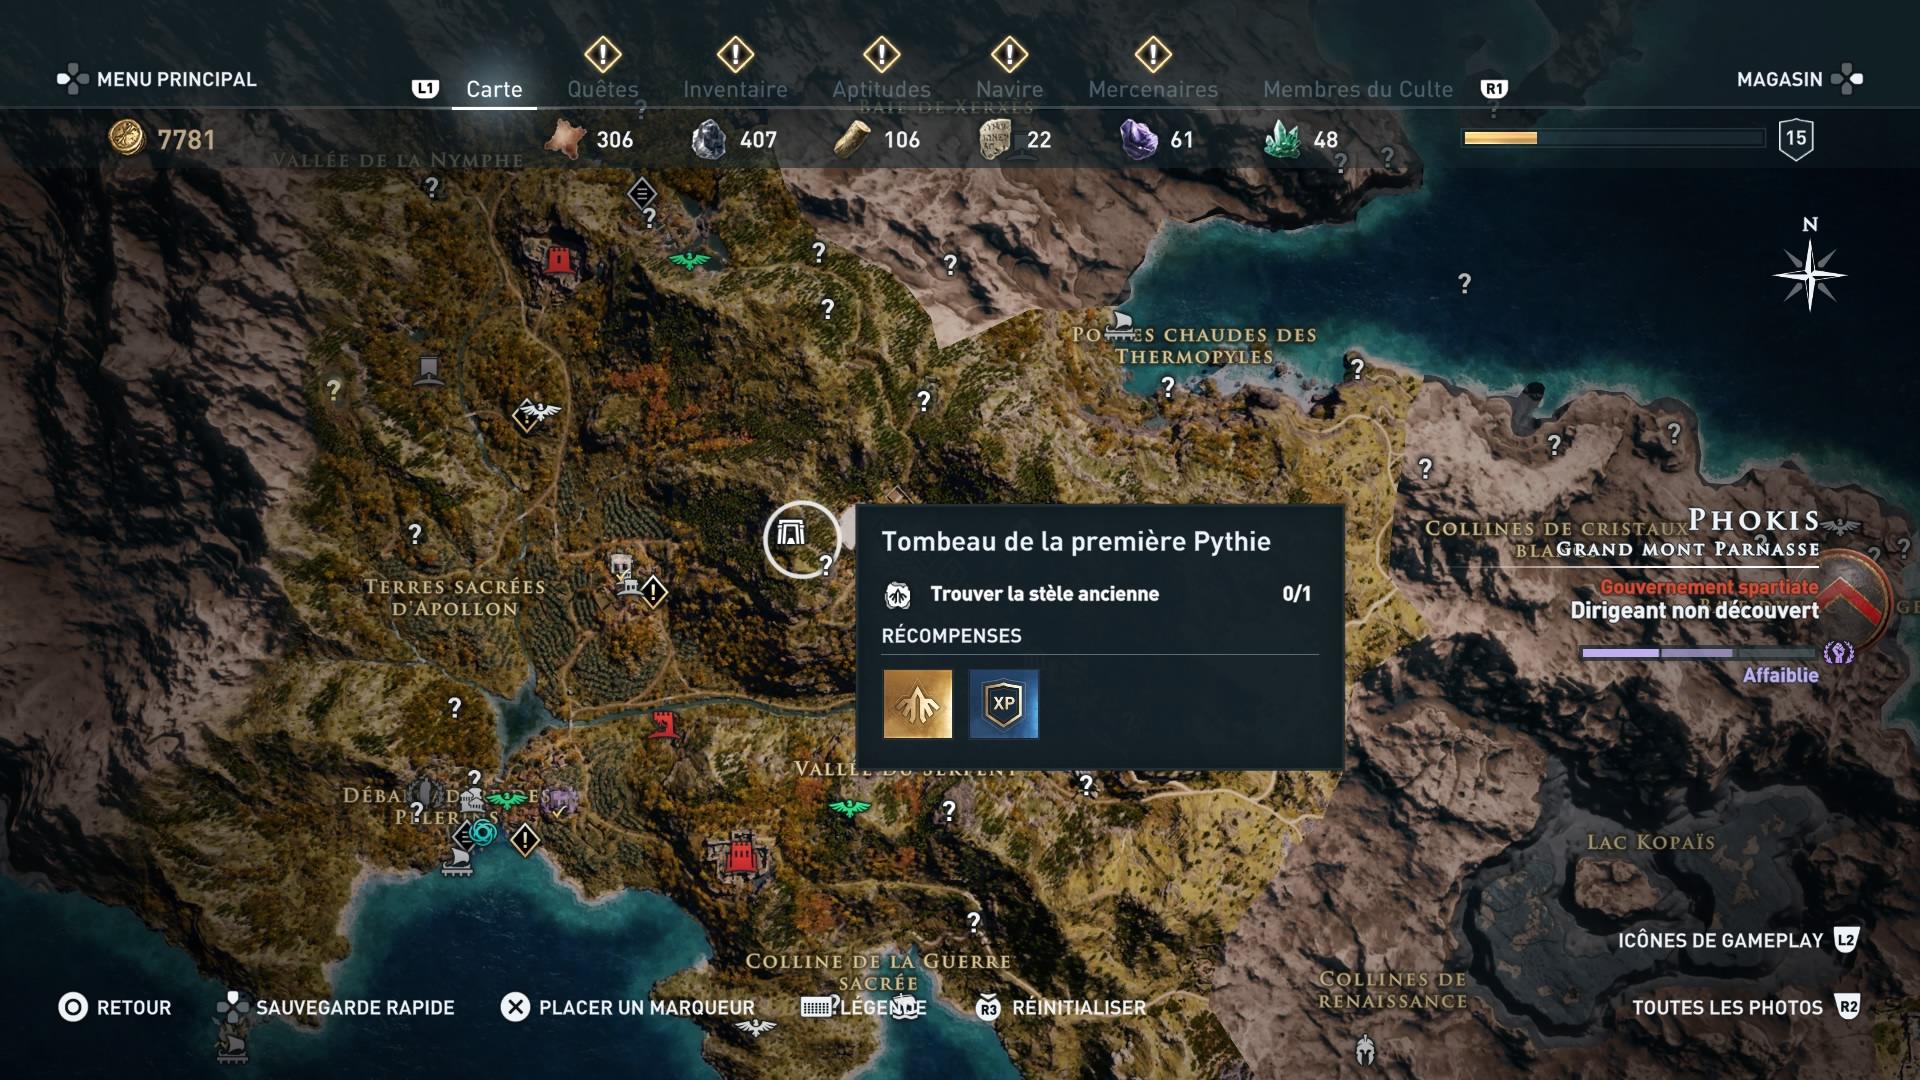 assassin's creed odyssey, ps4, xbox one, pc,u ubisosft, soluce, astuce, emplacement tombeau et stèle ancienne, phokis, tombeau de la première pythie